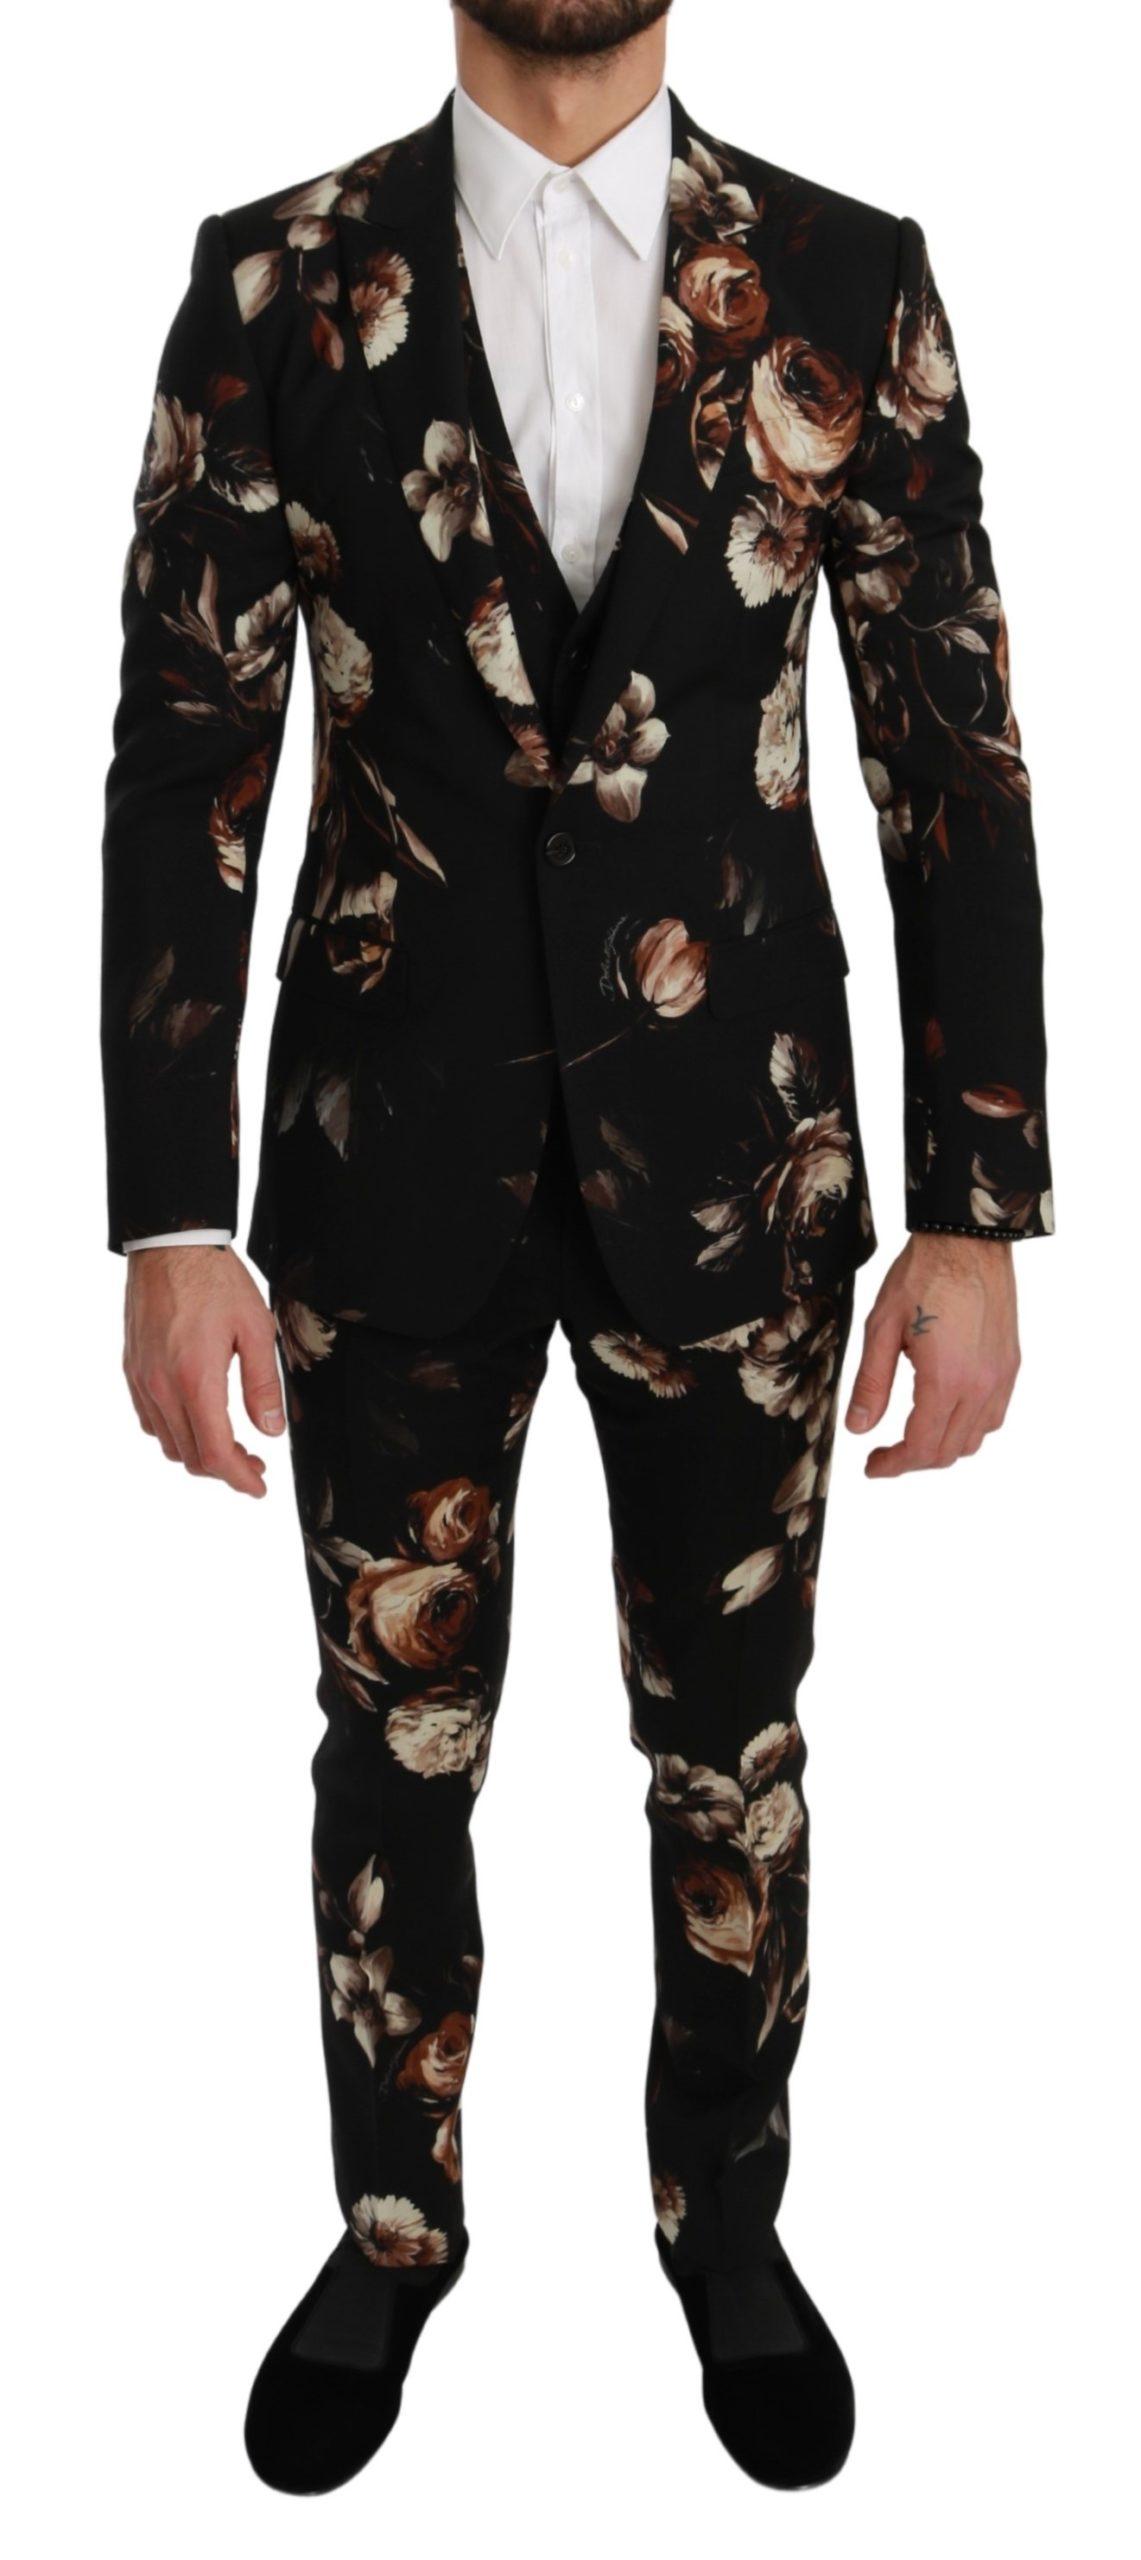 Dolce & Gabbana Men's Floral 3 Piece Slim Fit MARTINI Suit Black KOS1704 - IT44 | XS